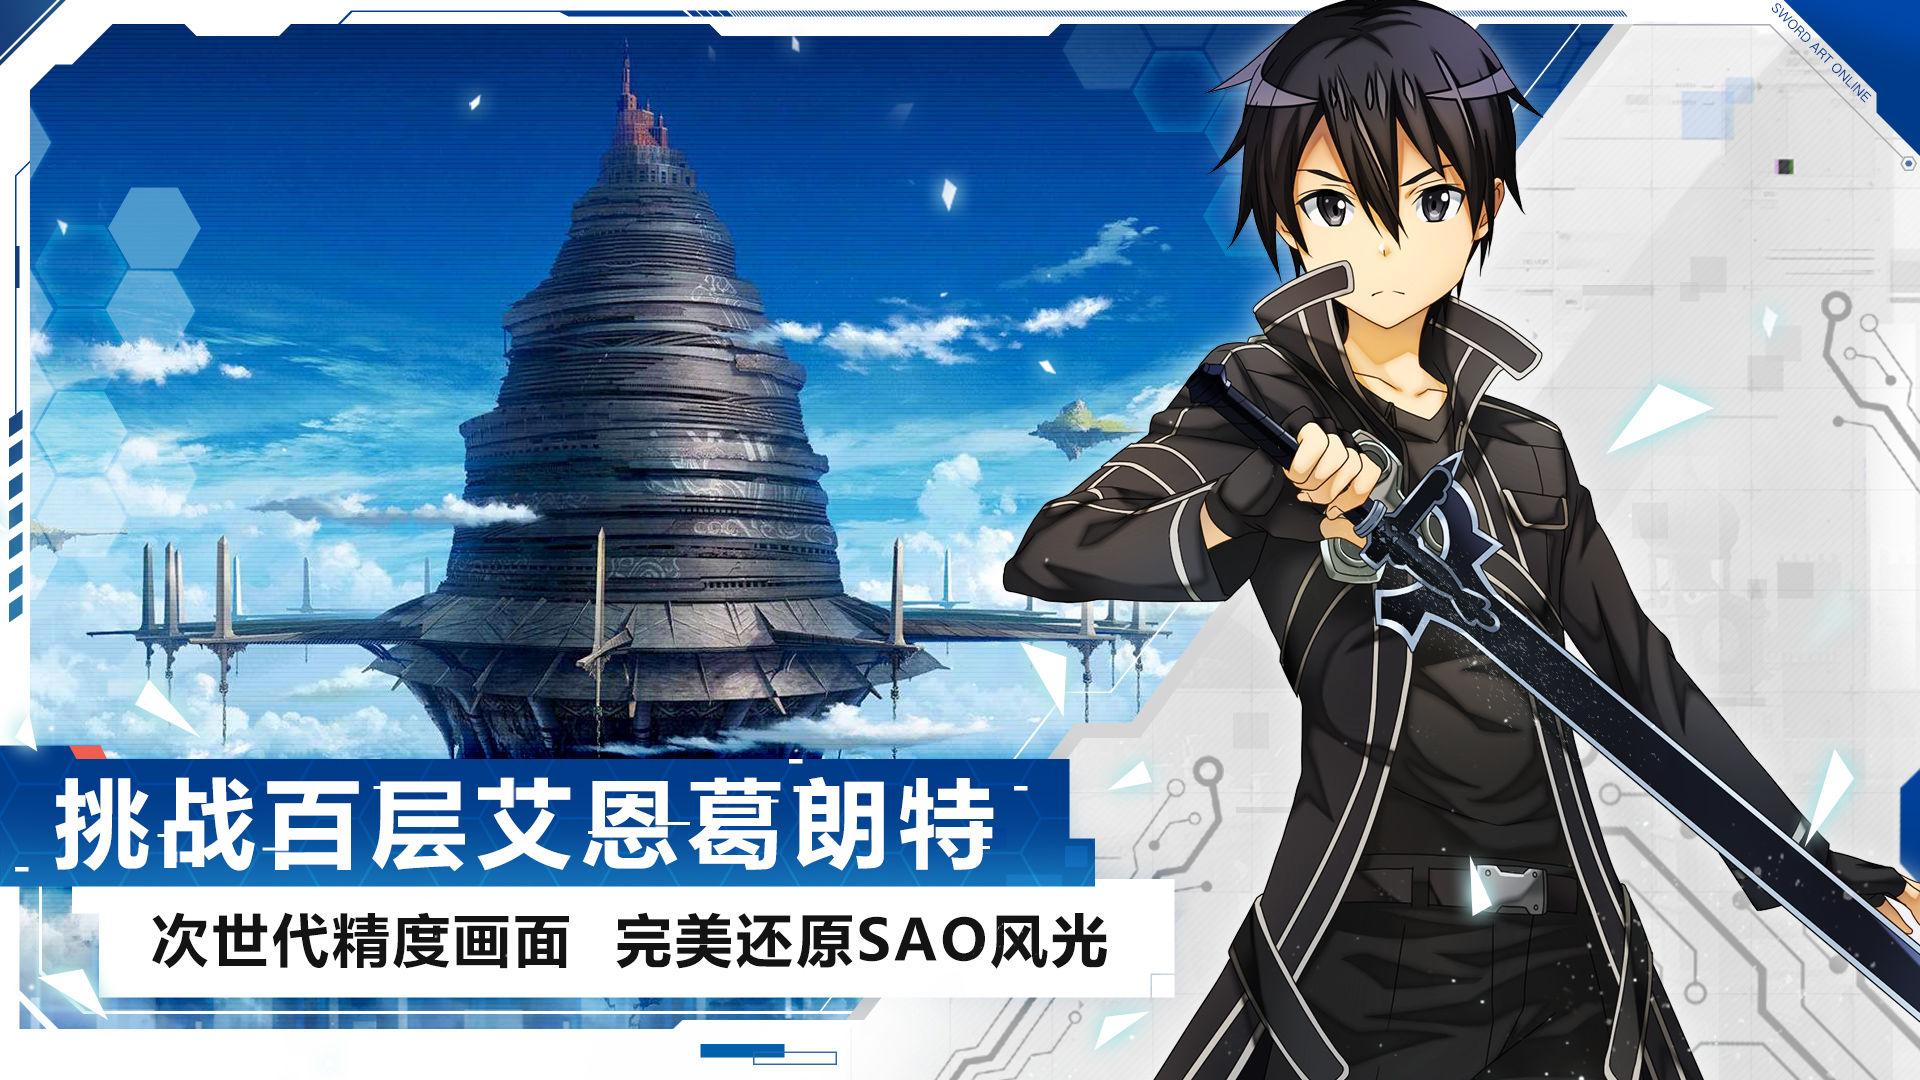 刀剑神域黑衣剑士游戏图2